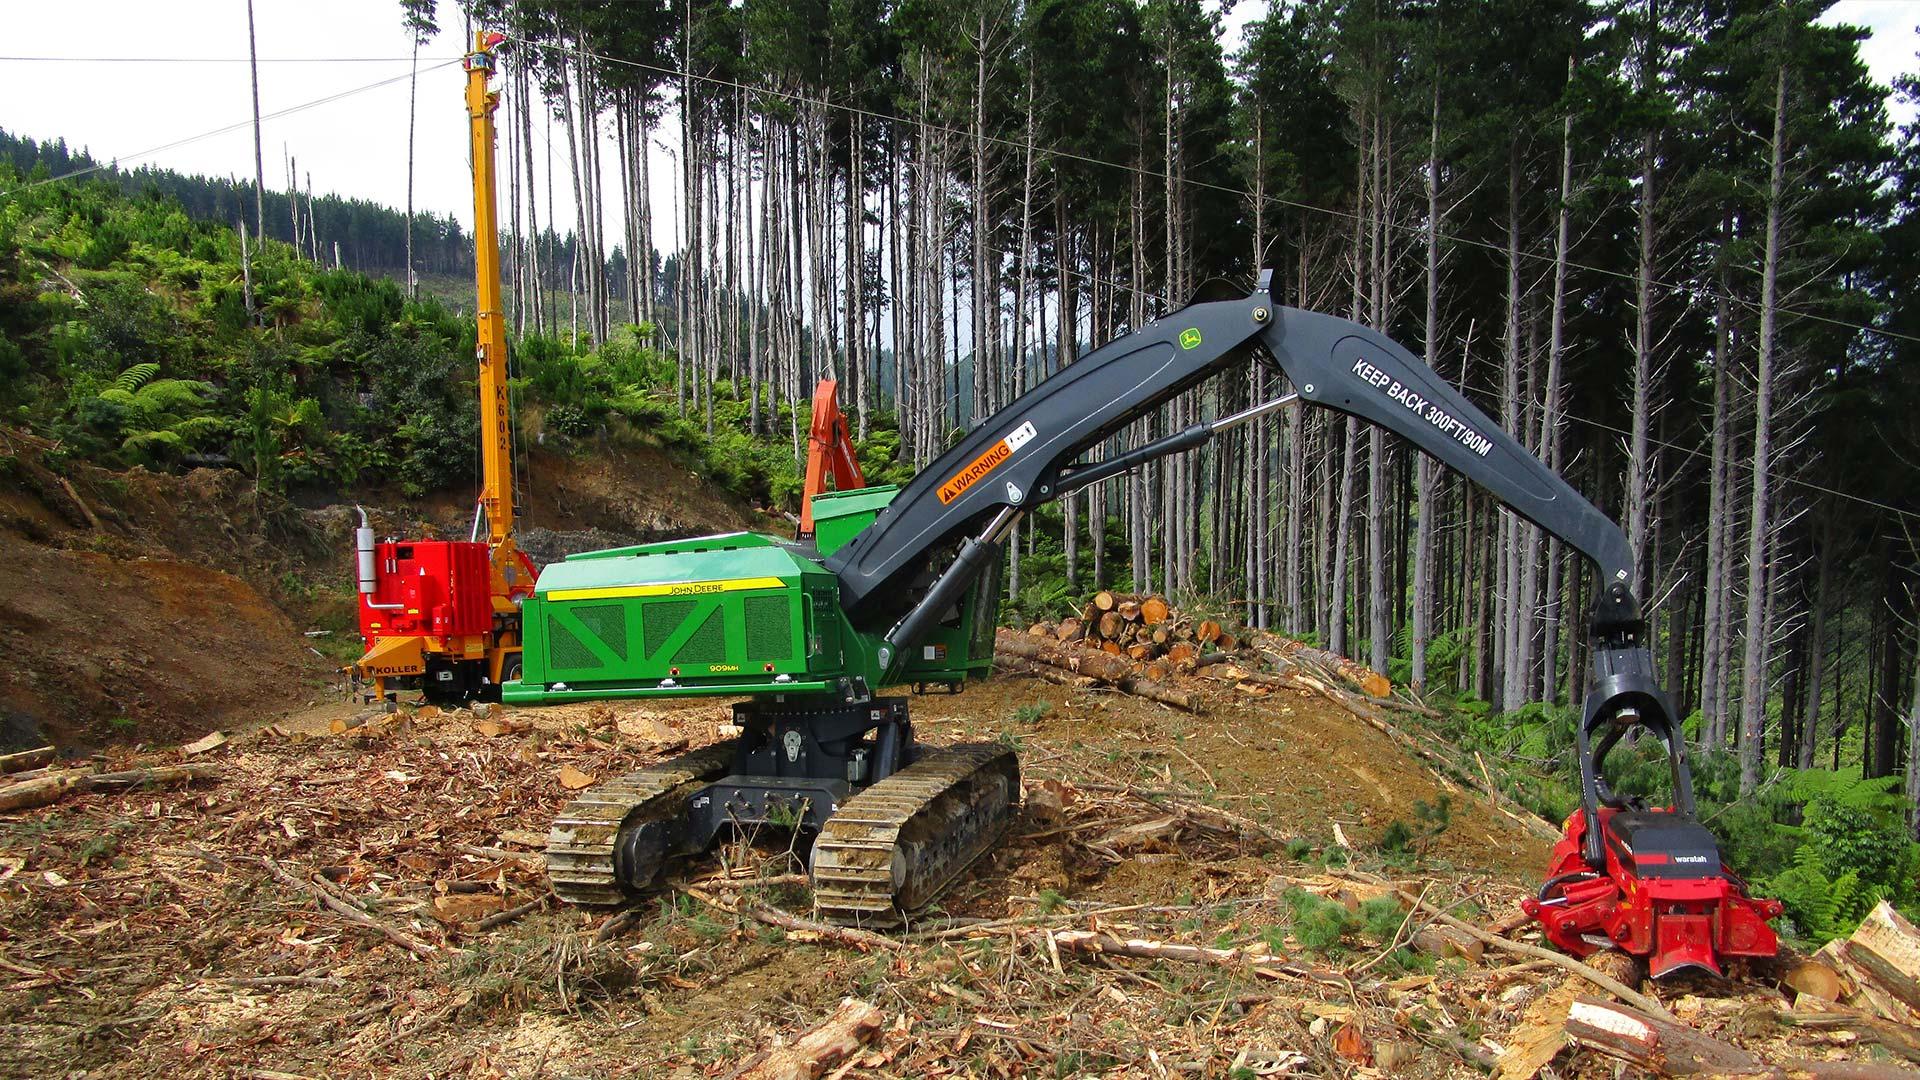 Waikura Logging